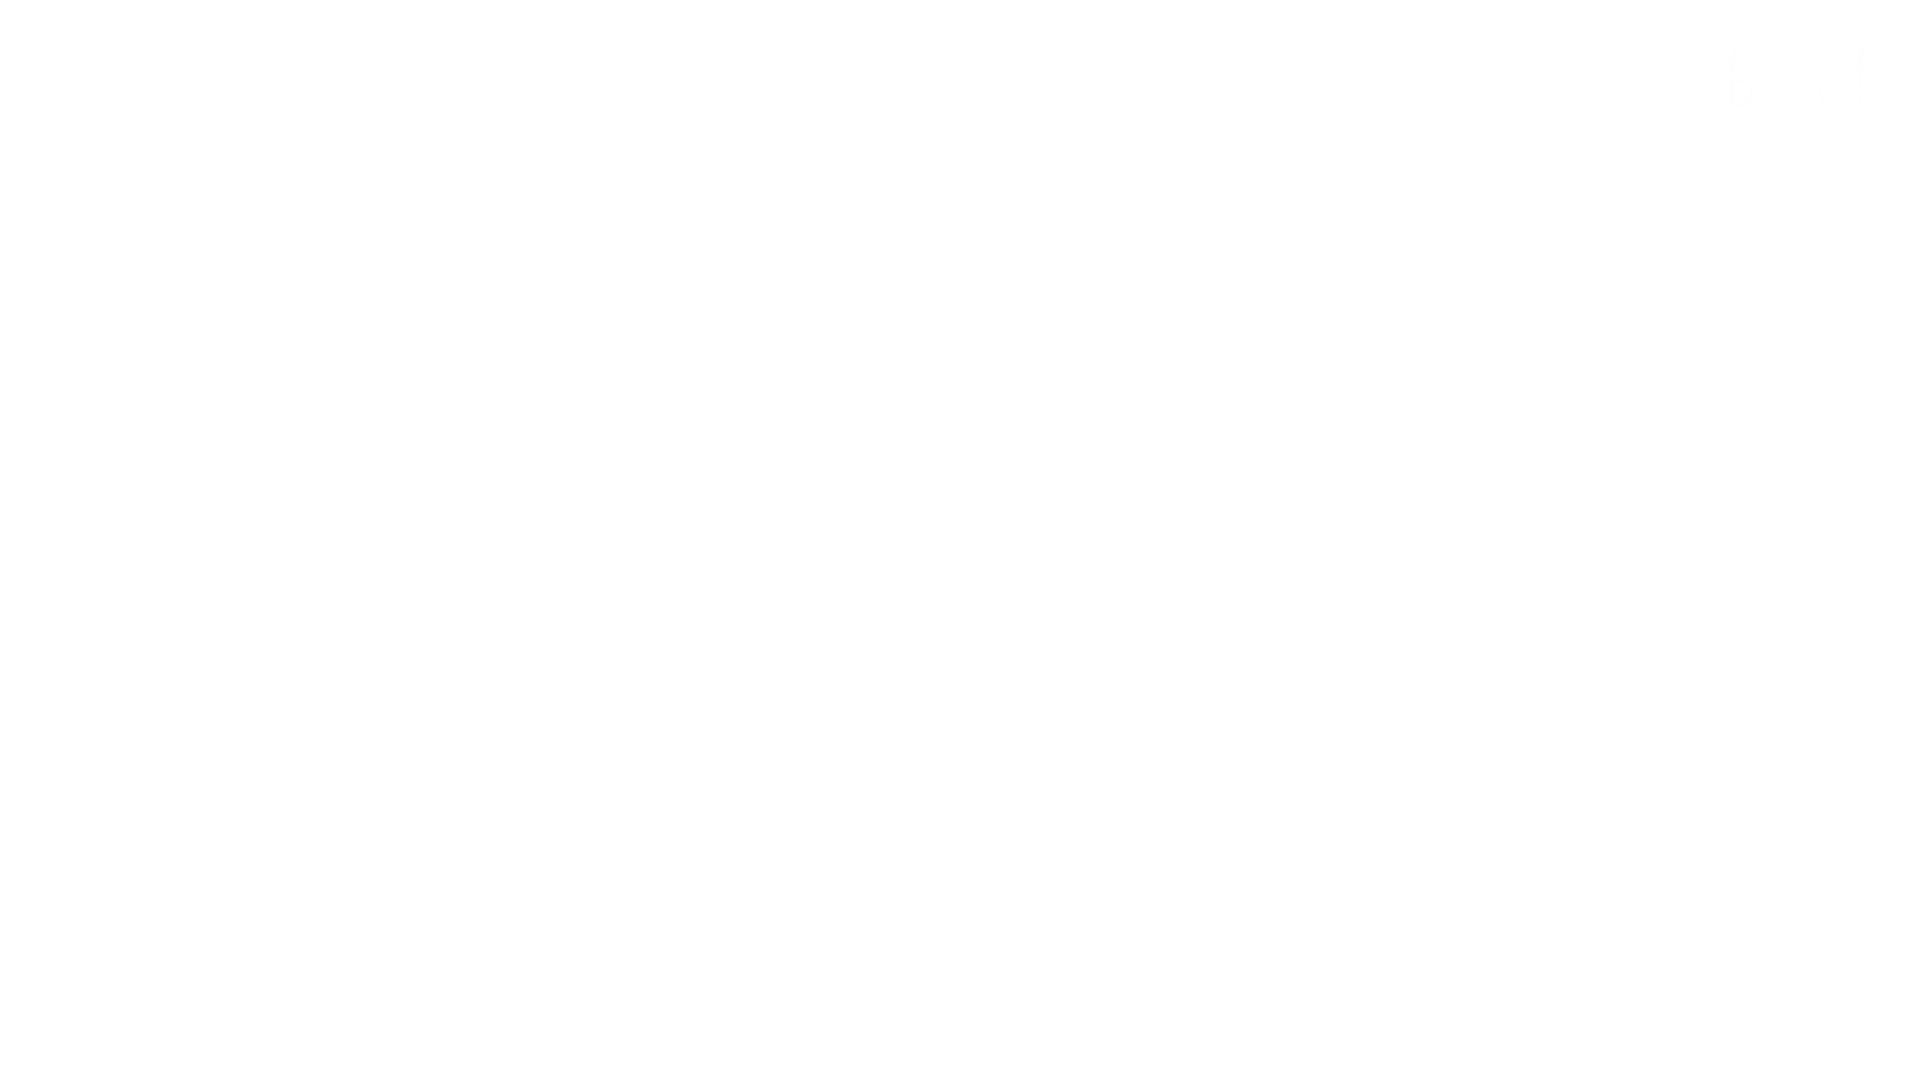 至高下半身盗撮-PREMIUM-【院内病棟編 】VOL1 丸見え おまんこ無修正動画無料 81画像 43